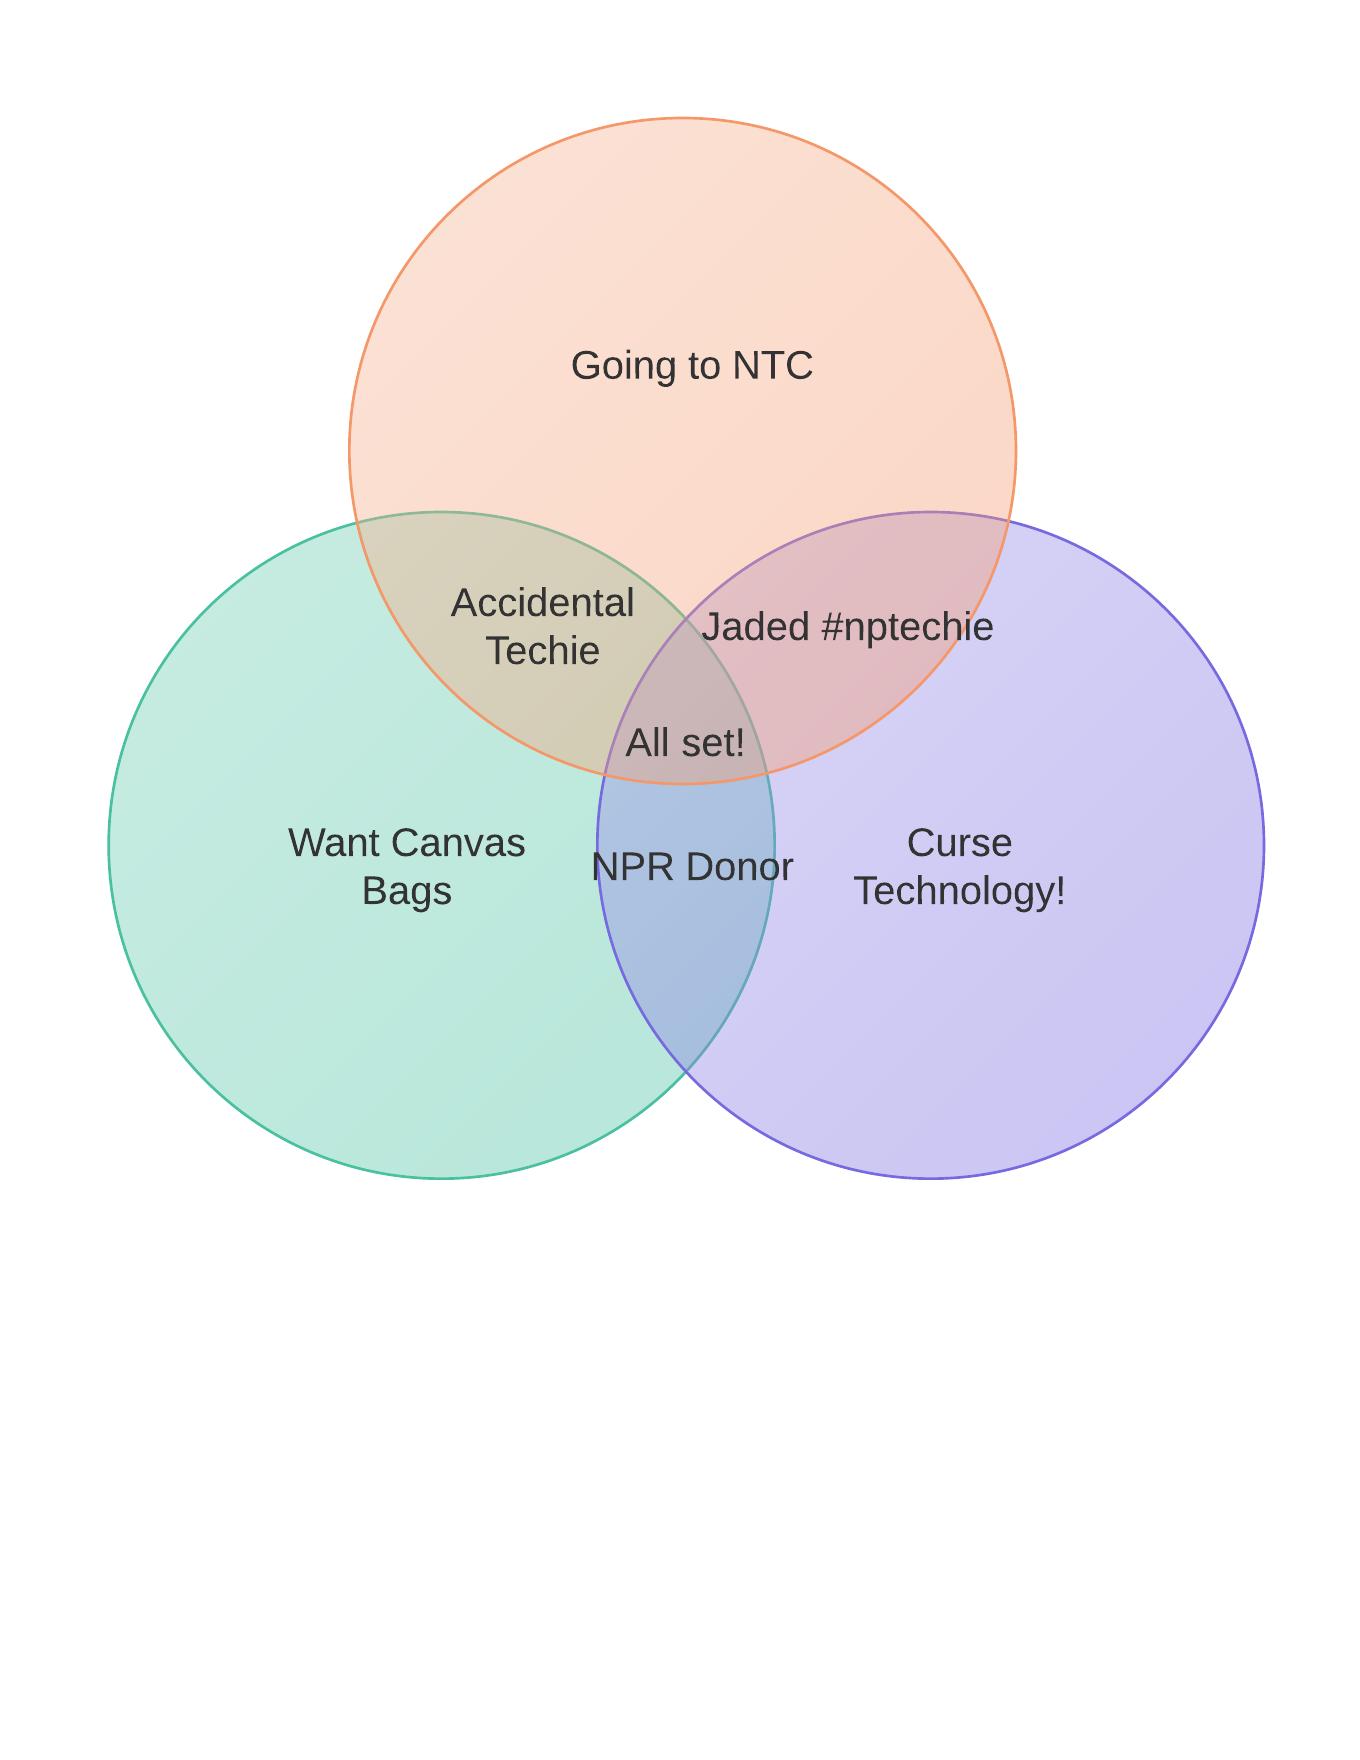 Humorous Venn Diagram On People Going To Nonprofit